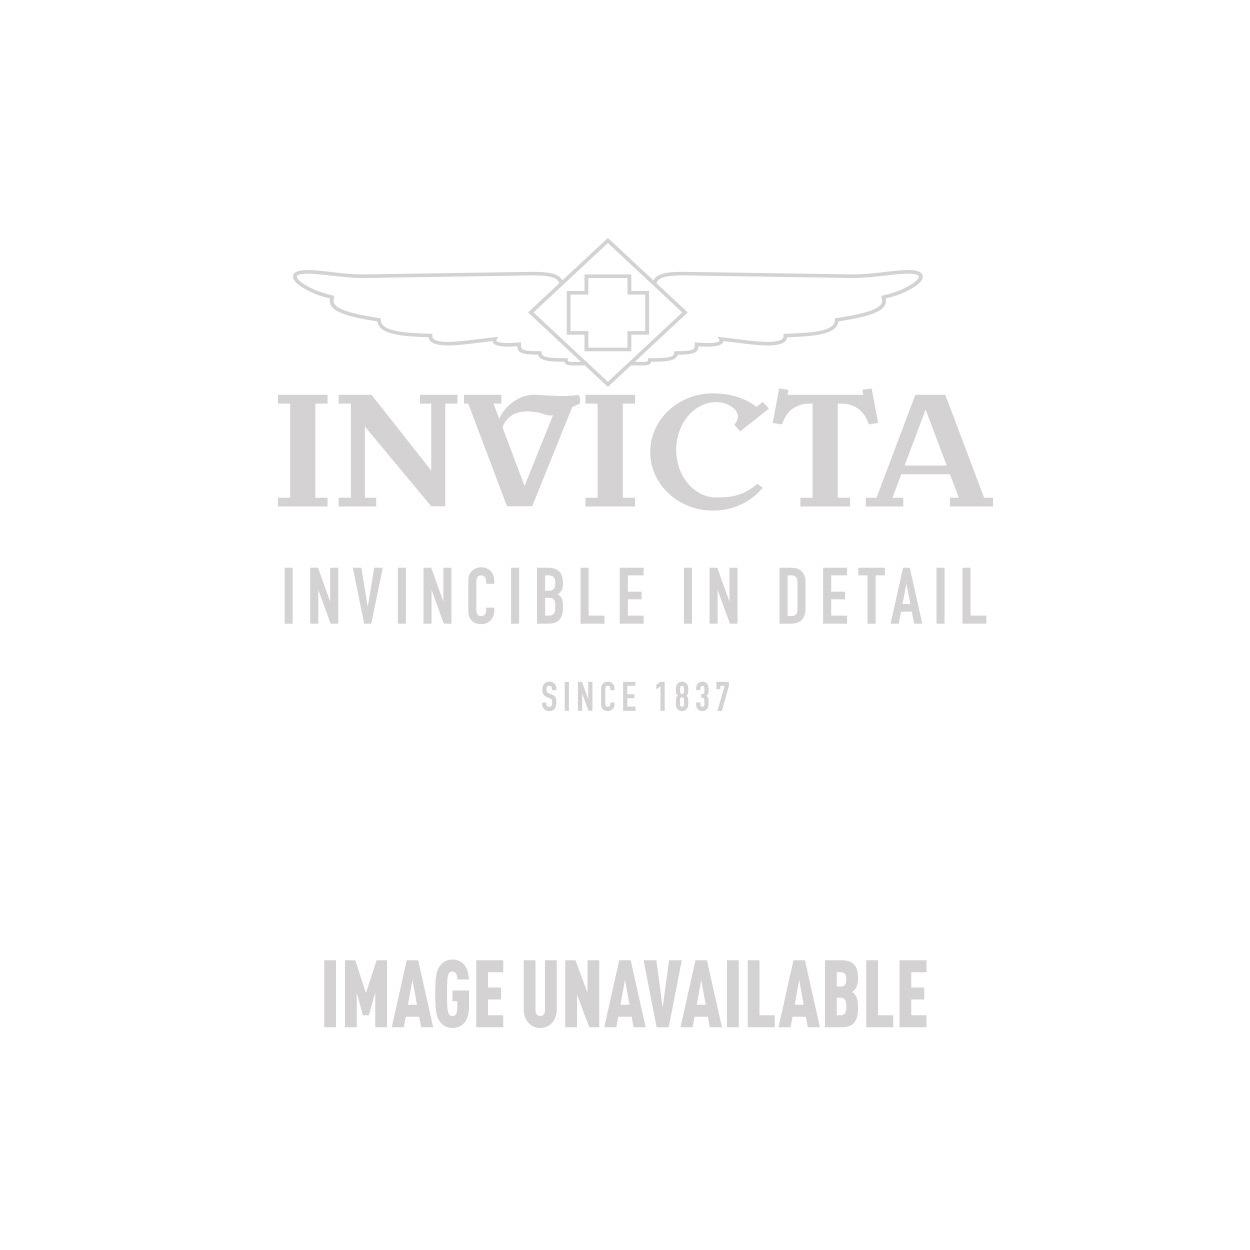 Invicta Model 25533